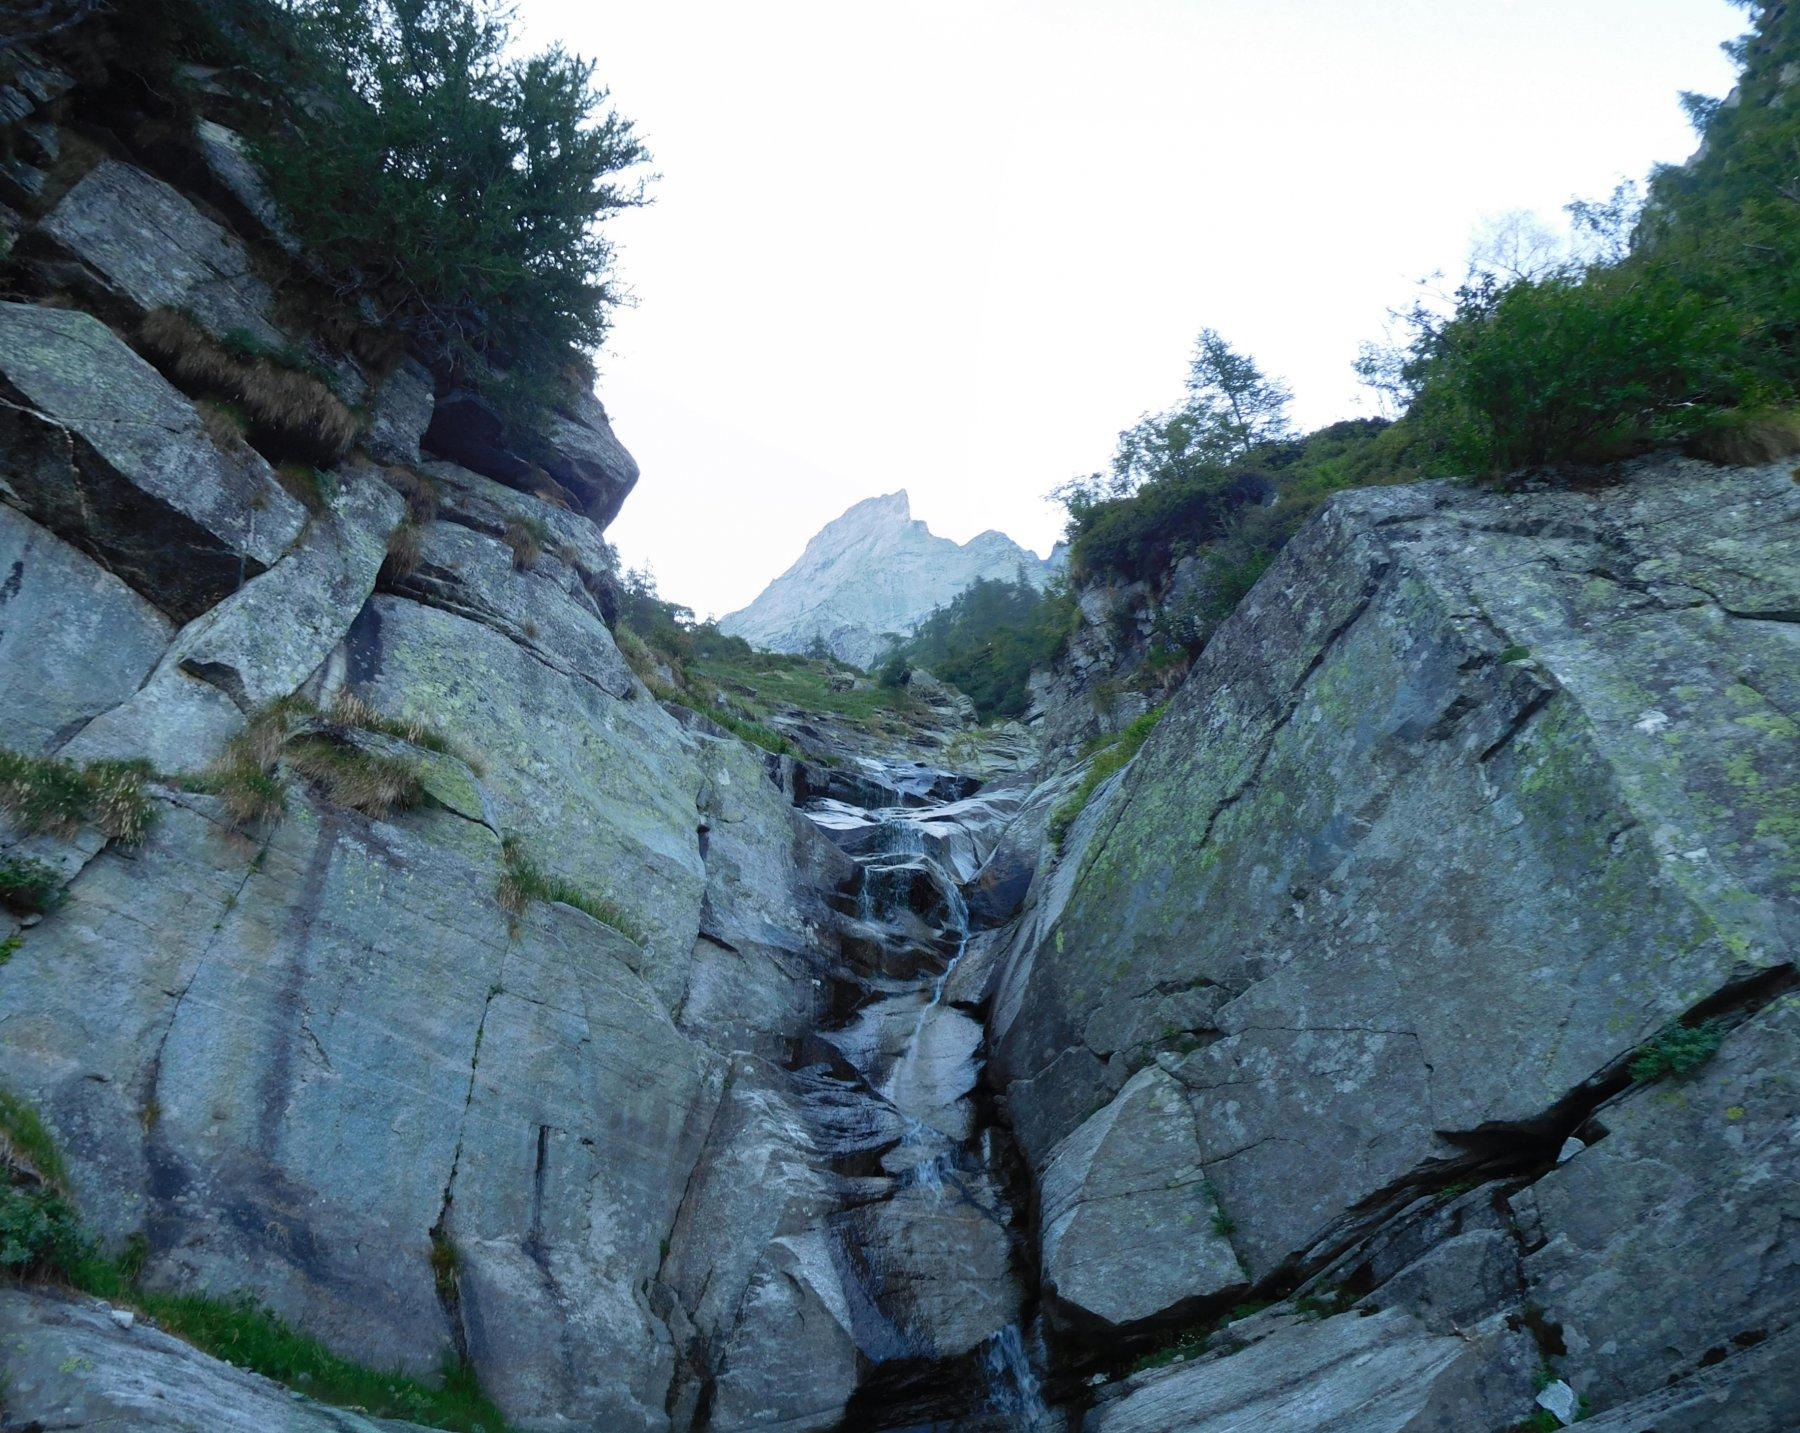 La cascatella dopo la quale abbiamo abbandonato il sentiero in traverso, iniziando a salire verso la Pioda.